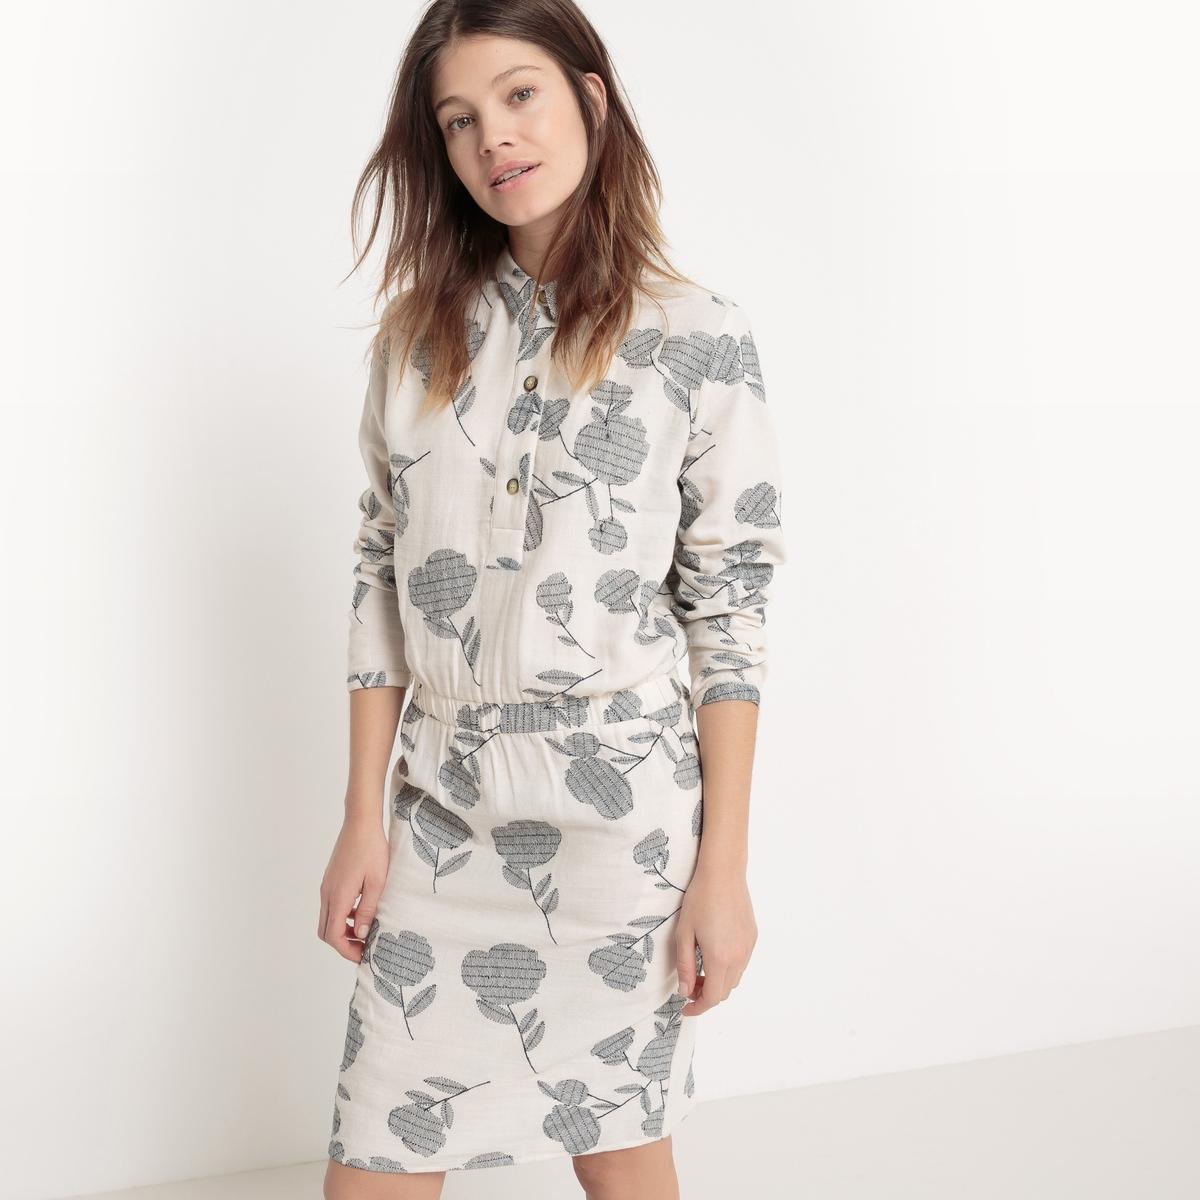 Платье с рубашечным воротником, длина до колен, с рисункомМатериал : 100% хлопок                     Длина рукава : длинные рукава                    Особенность пояса : эластичный пояс                    Форма воротника : воротник-поло, рубашечный                 Покрой платья : расклешенное платье                    Рисунок : принт                      Длина платья : 94 см                    Стирка : машинная стирка при 30 °С в деликатном режиме                    Уход : сухая чистка и отбеливание запрещеныМашинная сушка : запрещена                    Глажка : при низкой температуре<br><br>Цвет: серо-бежевый<br>Размер: 38 (FR) - 44 (RUS).36 (FR) - 42 (RUS).42 (FR) - 48 (RUS).34 (FR) - 40 (RUS).44 (FR) - 50 (RUS)